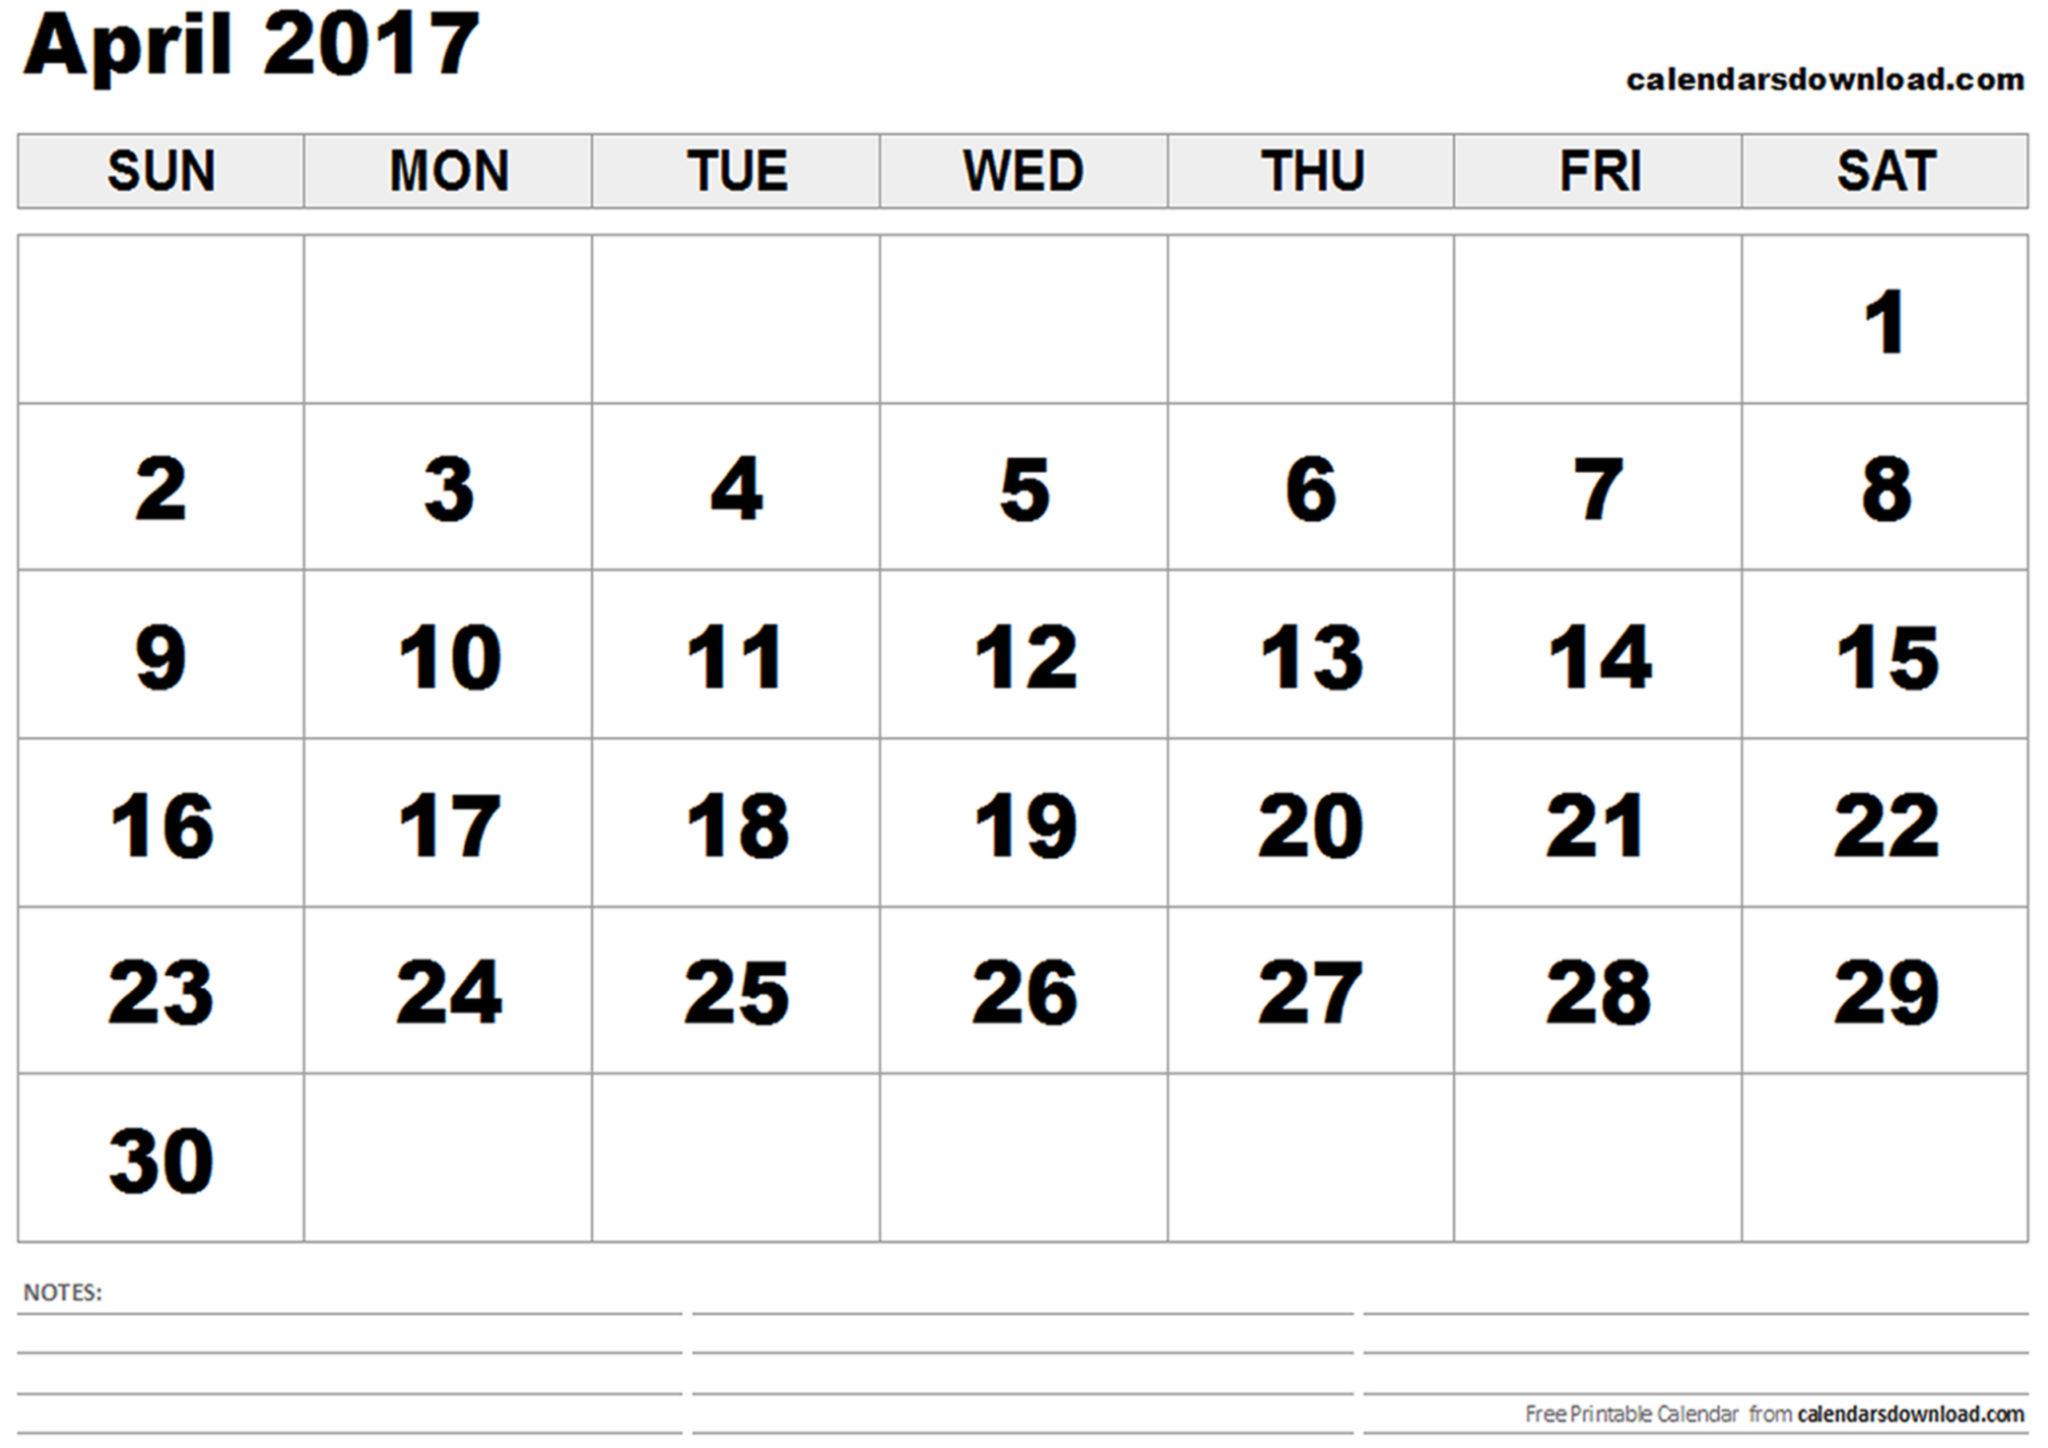 Printable April 2017 Calendar Download